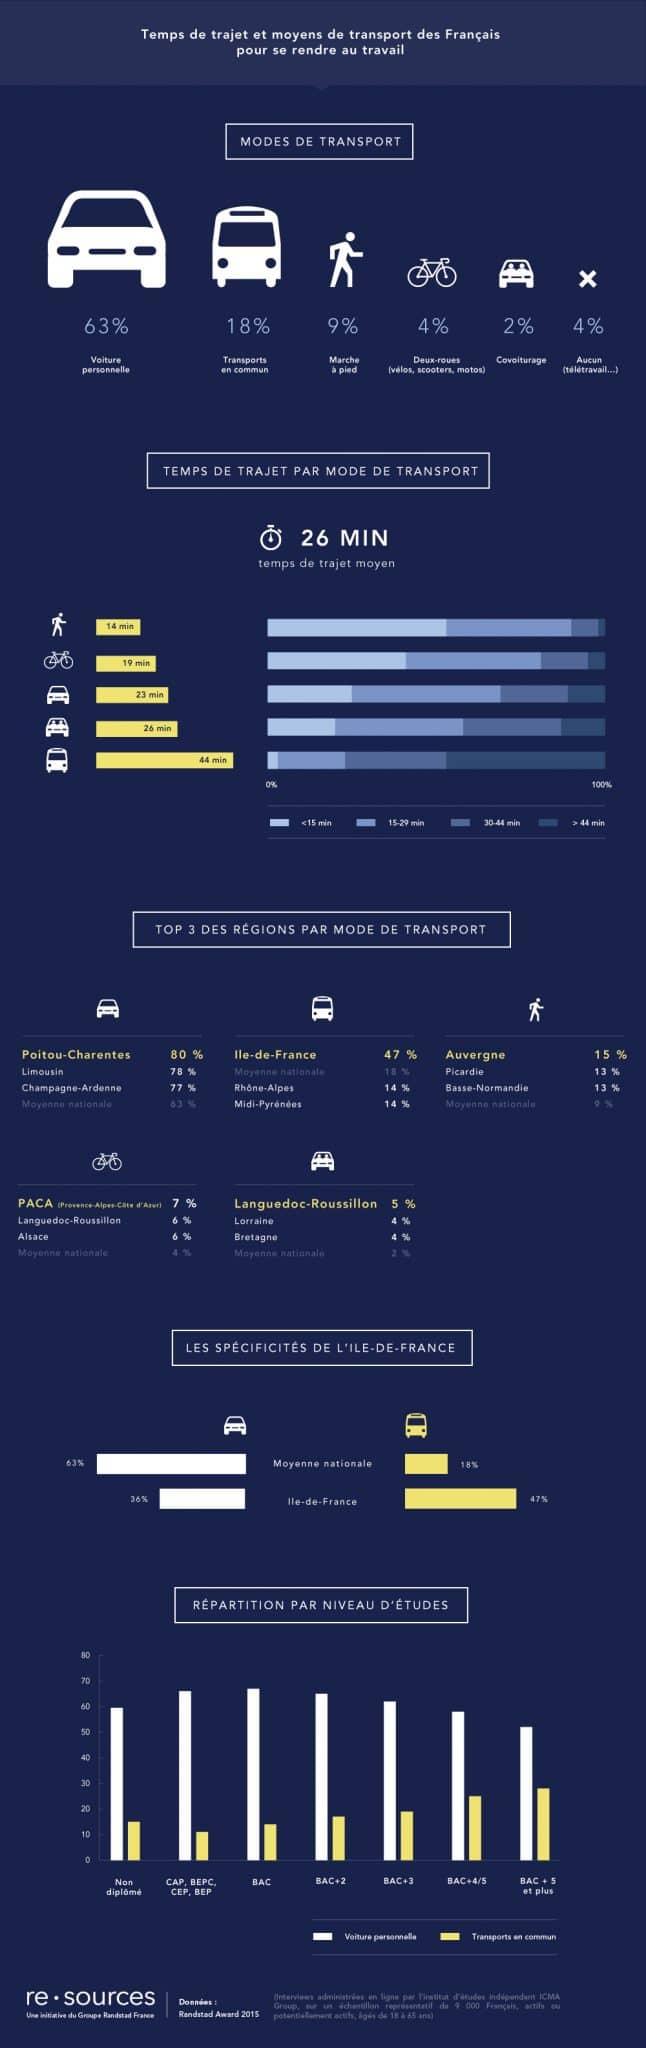 trajets domicile travail 6 fran ais sur 10 utilisent leur voiture personnelle. Black Bedroom Furniture Sets. Home Design Ideas